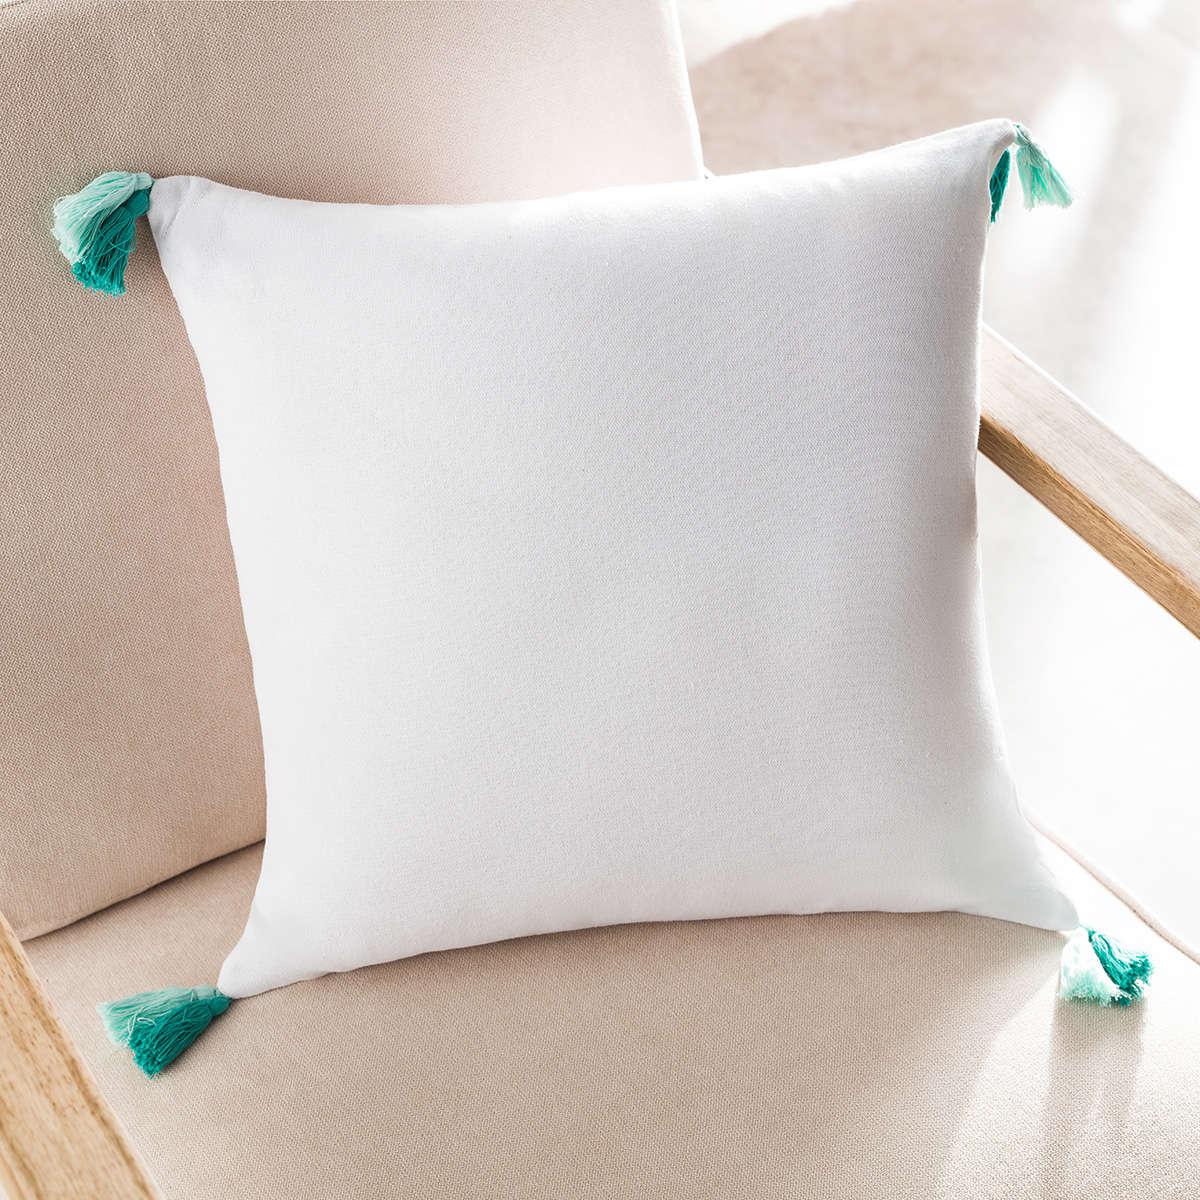 Μαξιλαροθήκη Διακοσμητική Rib White 303/16 Gofis Home 45X45 100% Βαμβάκι